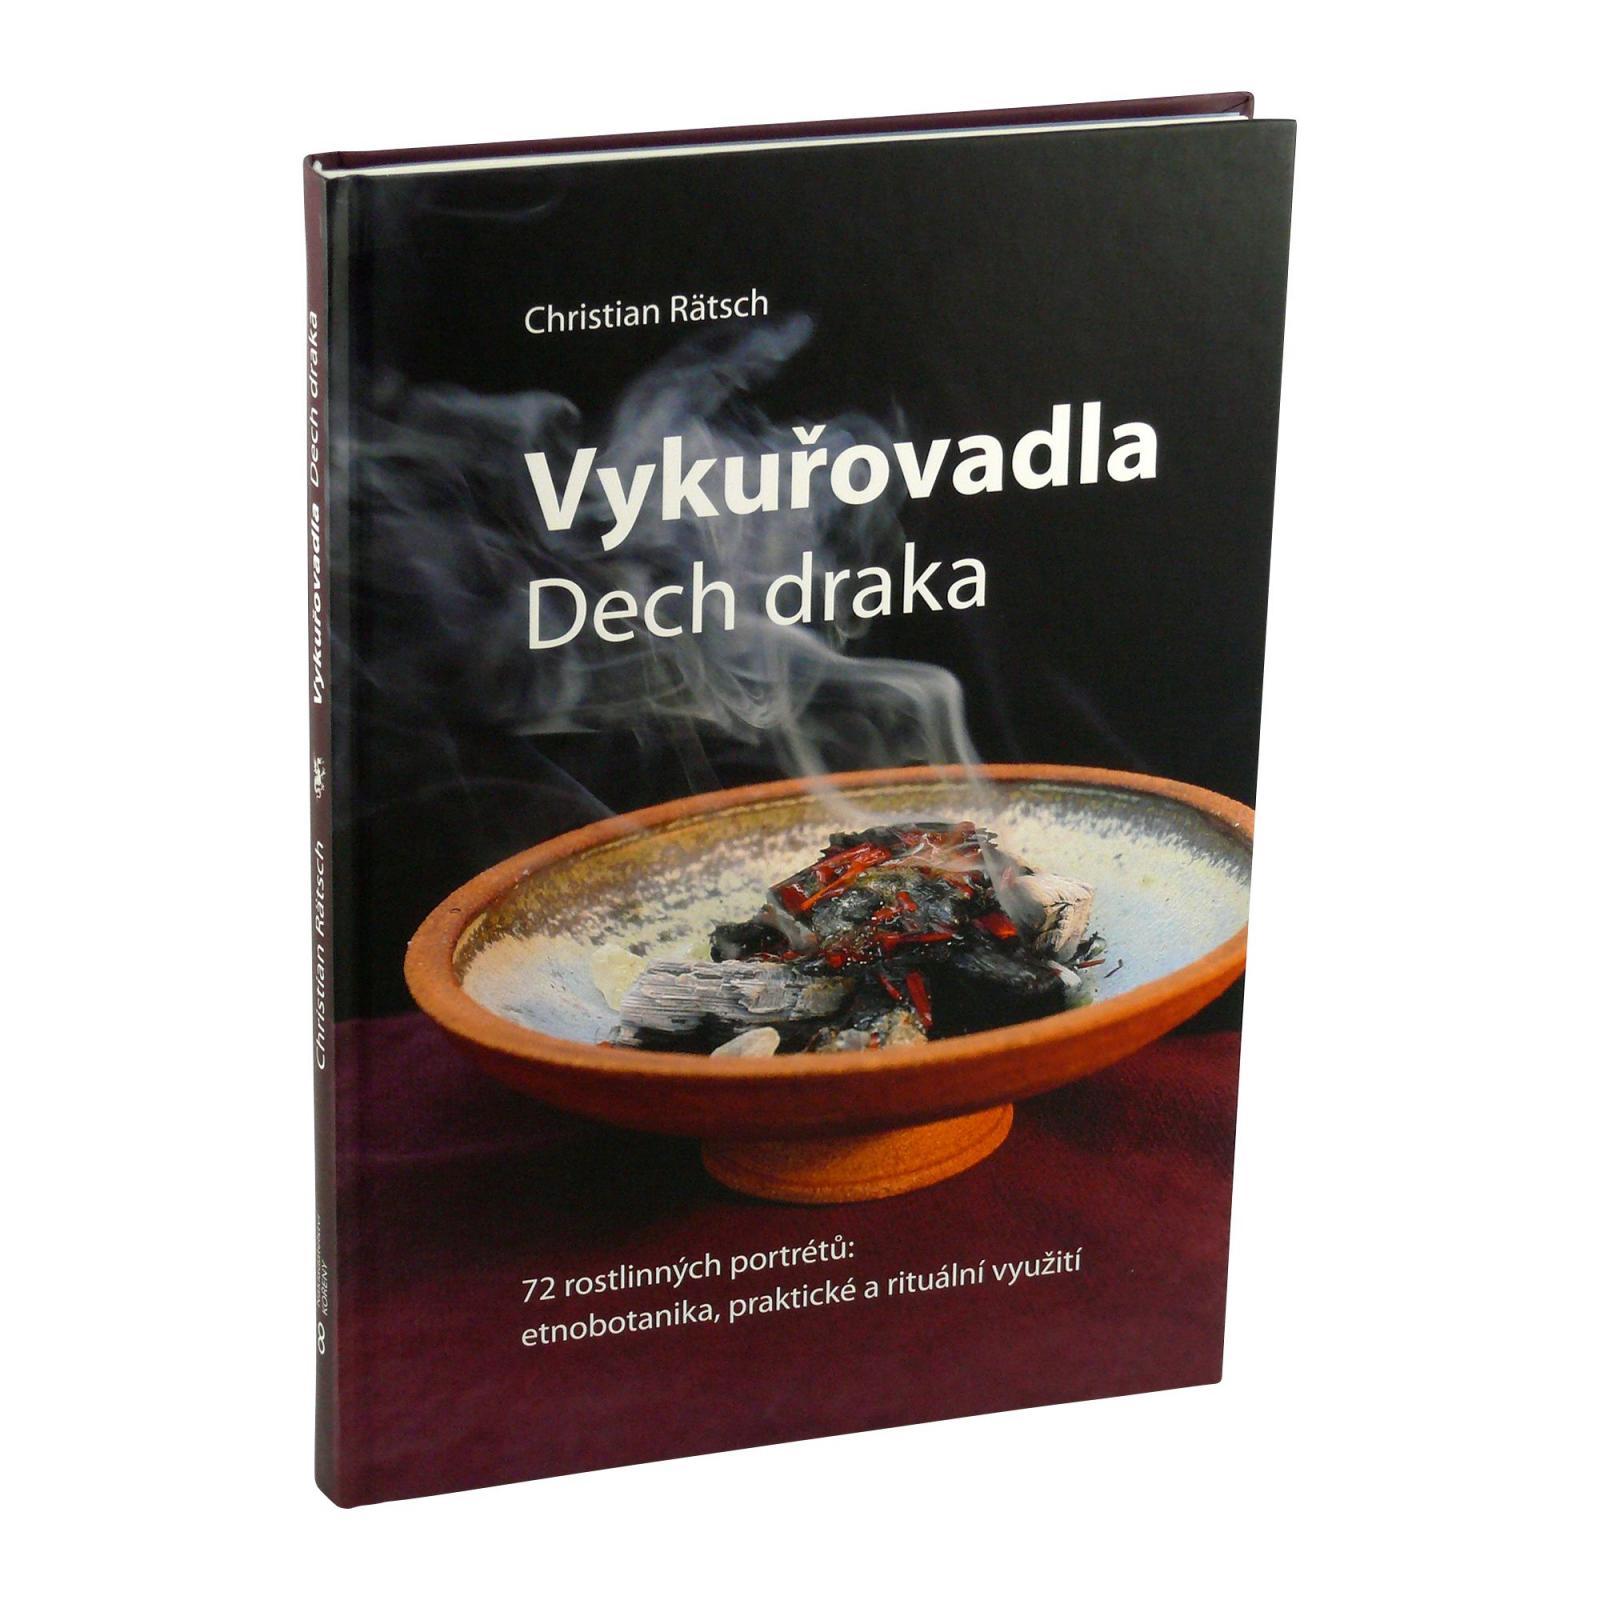 ostatní Vykuřovadla Dech draka, Christian Ratsch 213 stran